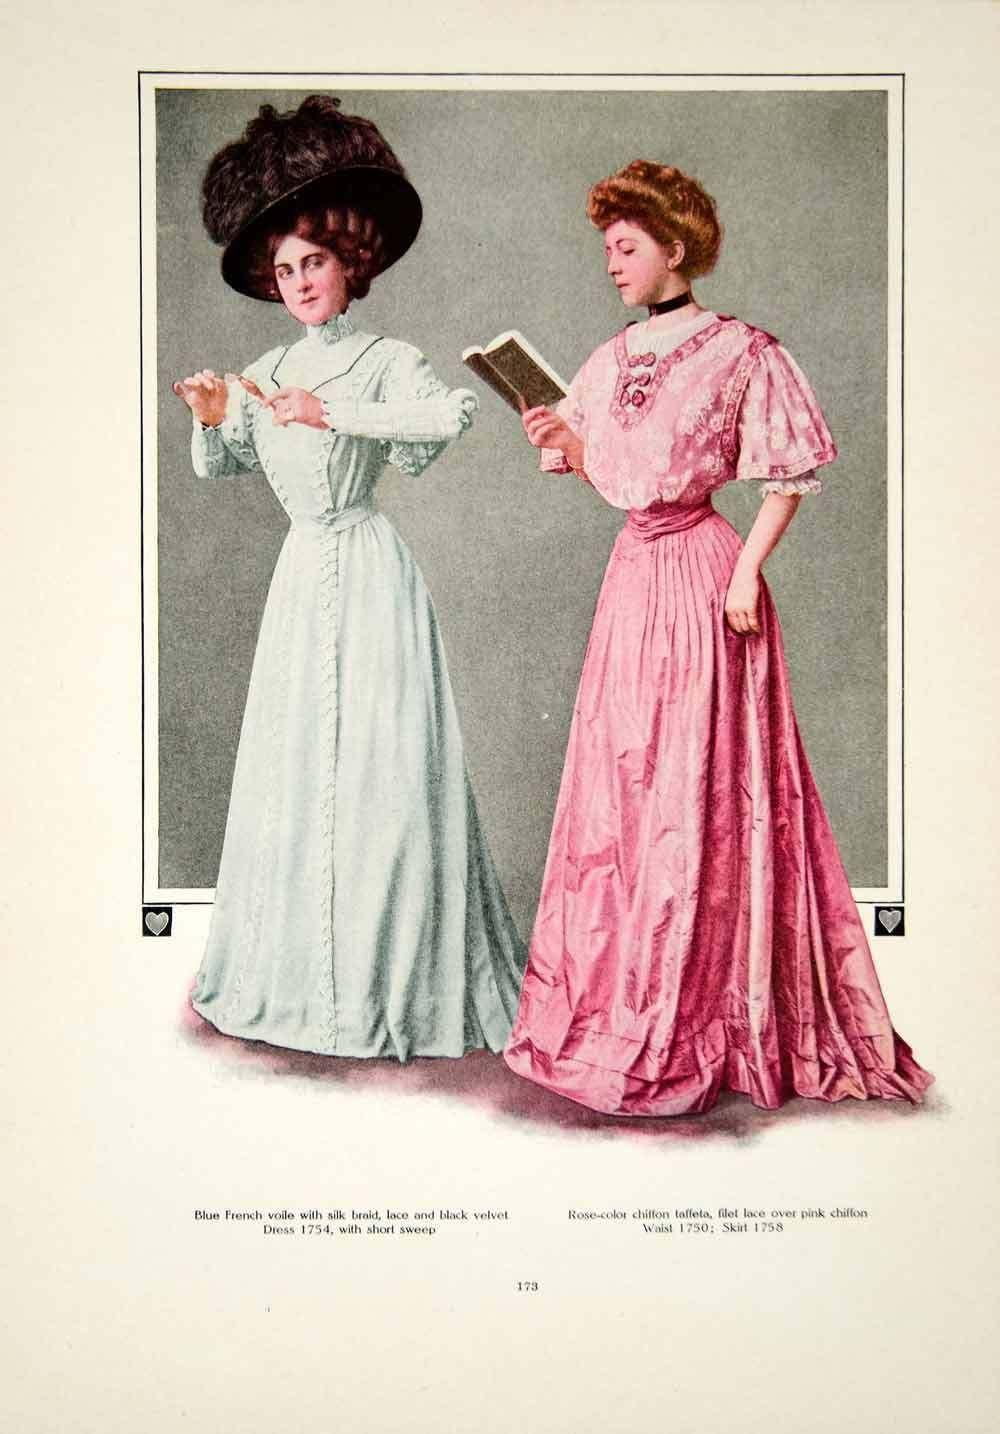 ce27a52fb34 1908 Color Print Fashion Costume Clothing Edwardian Women Dress Hat  Portrait